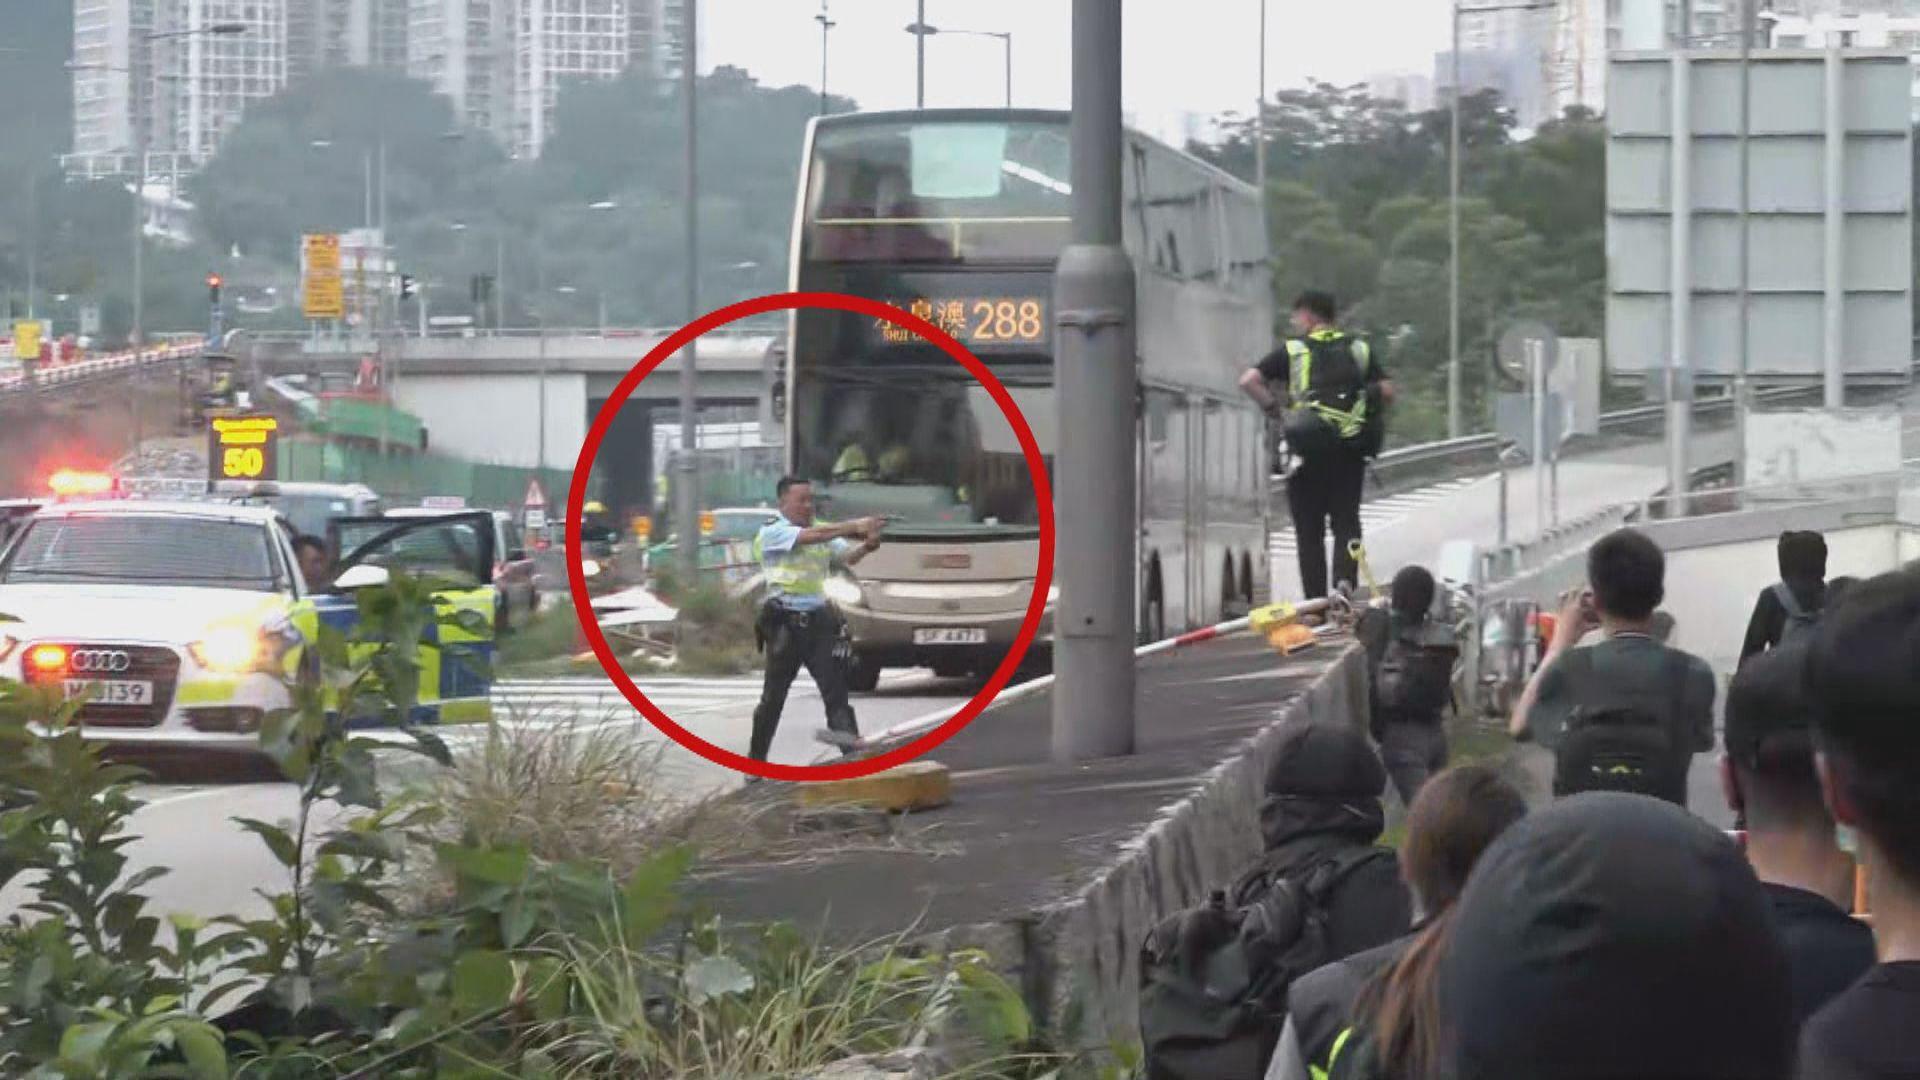 示威者大埔公路堵路 警員一度舉真槍警告